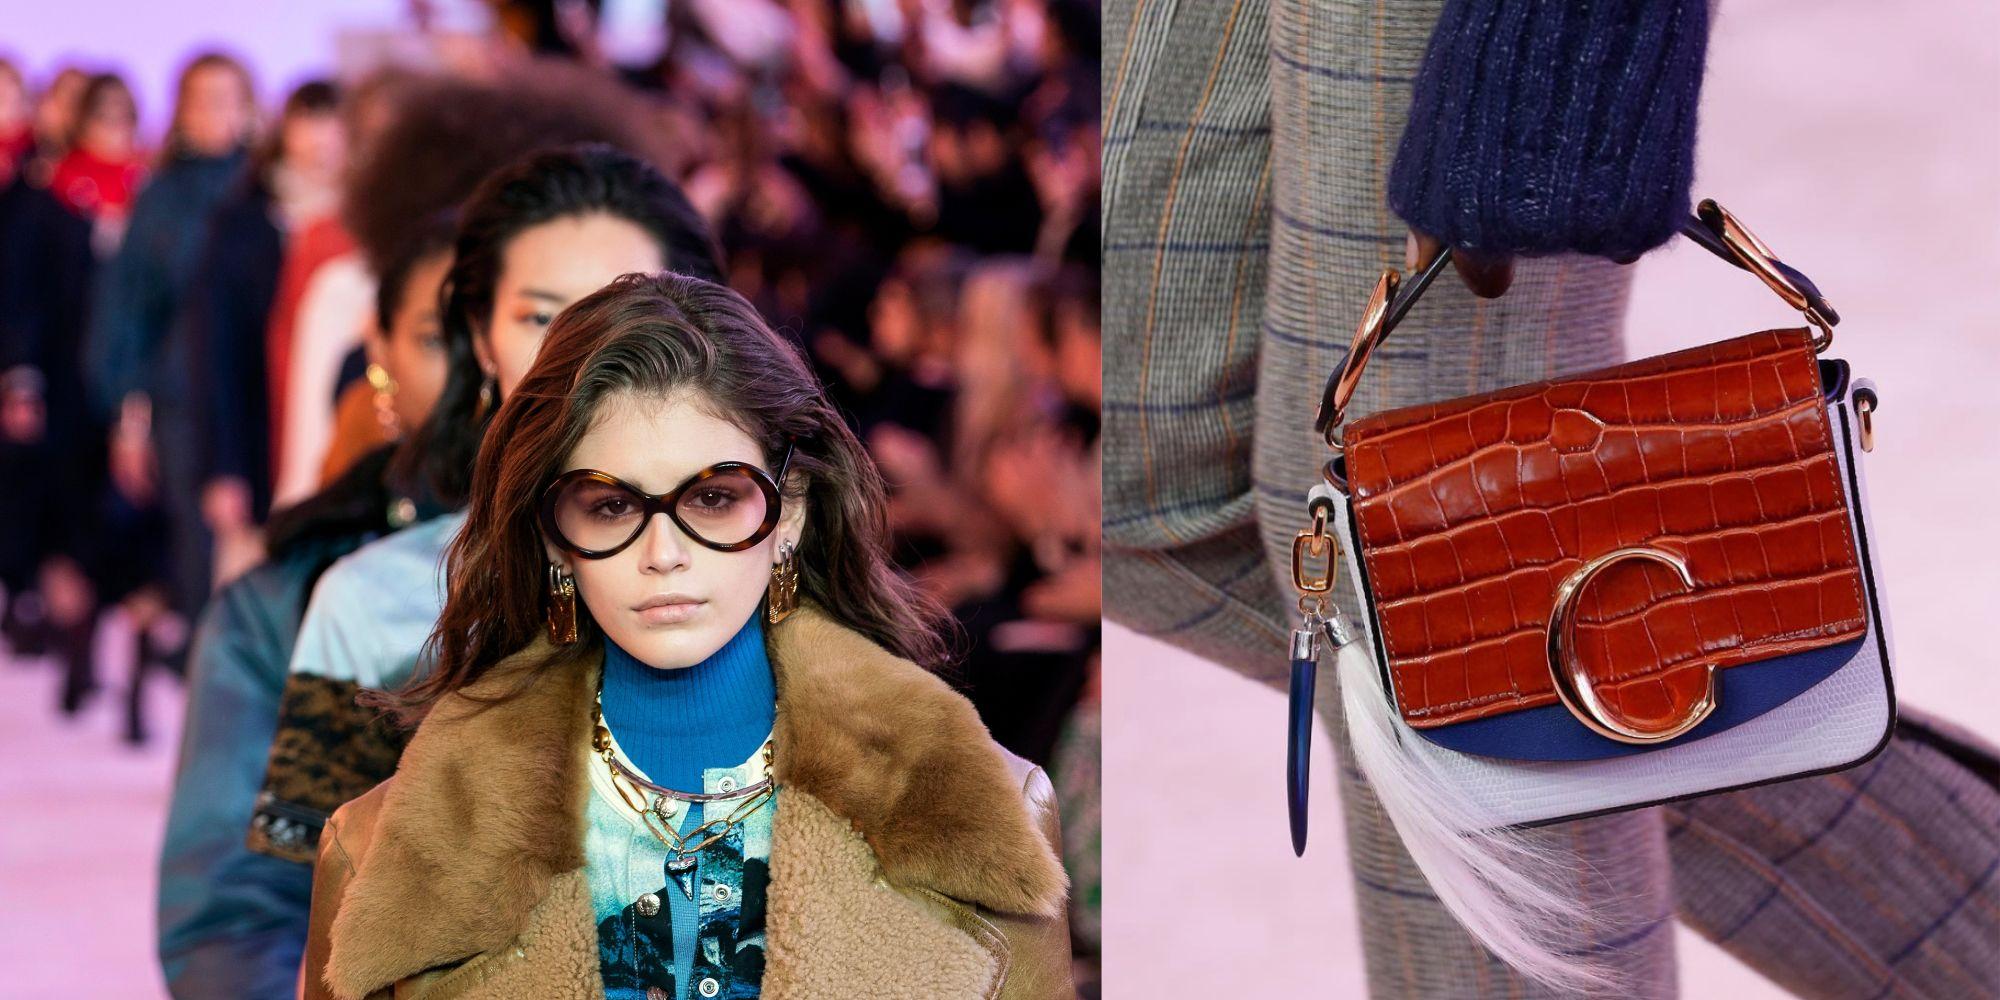 【巴黎時裝週】Chloé又讓包包控為難!C字包、新鎖頭包⋯這場秀15個重點送給選擇困難症的你